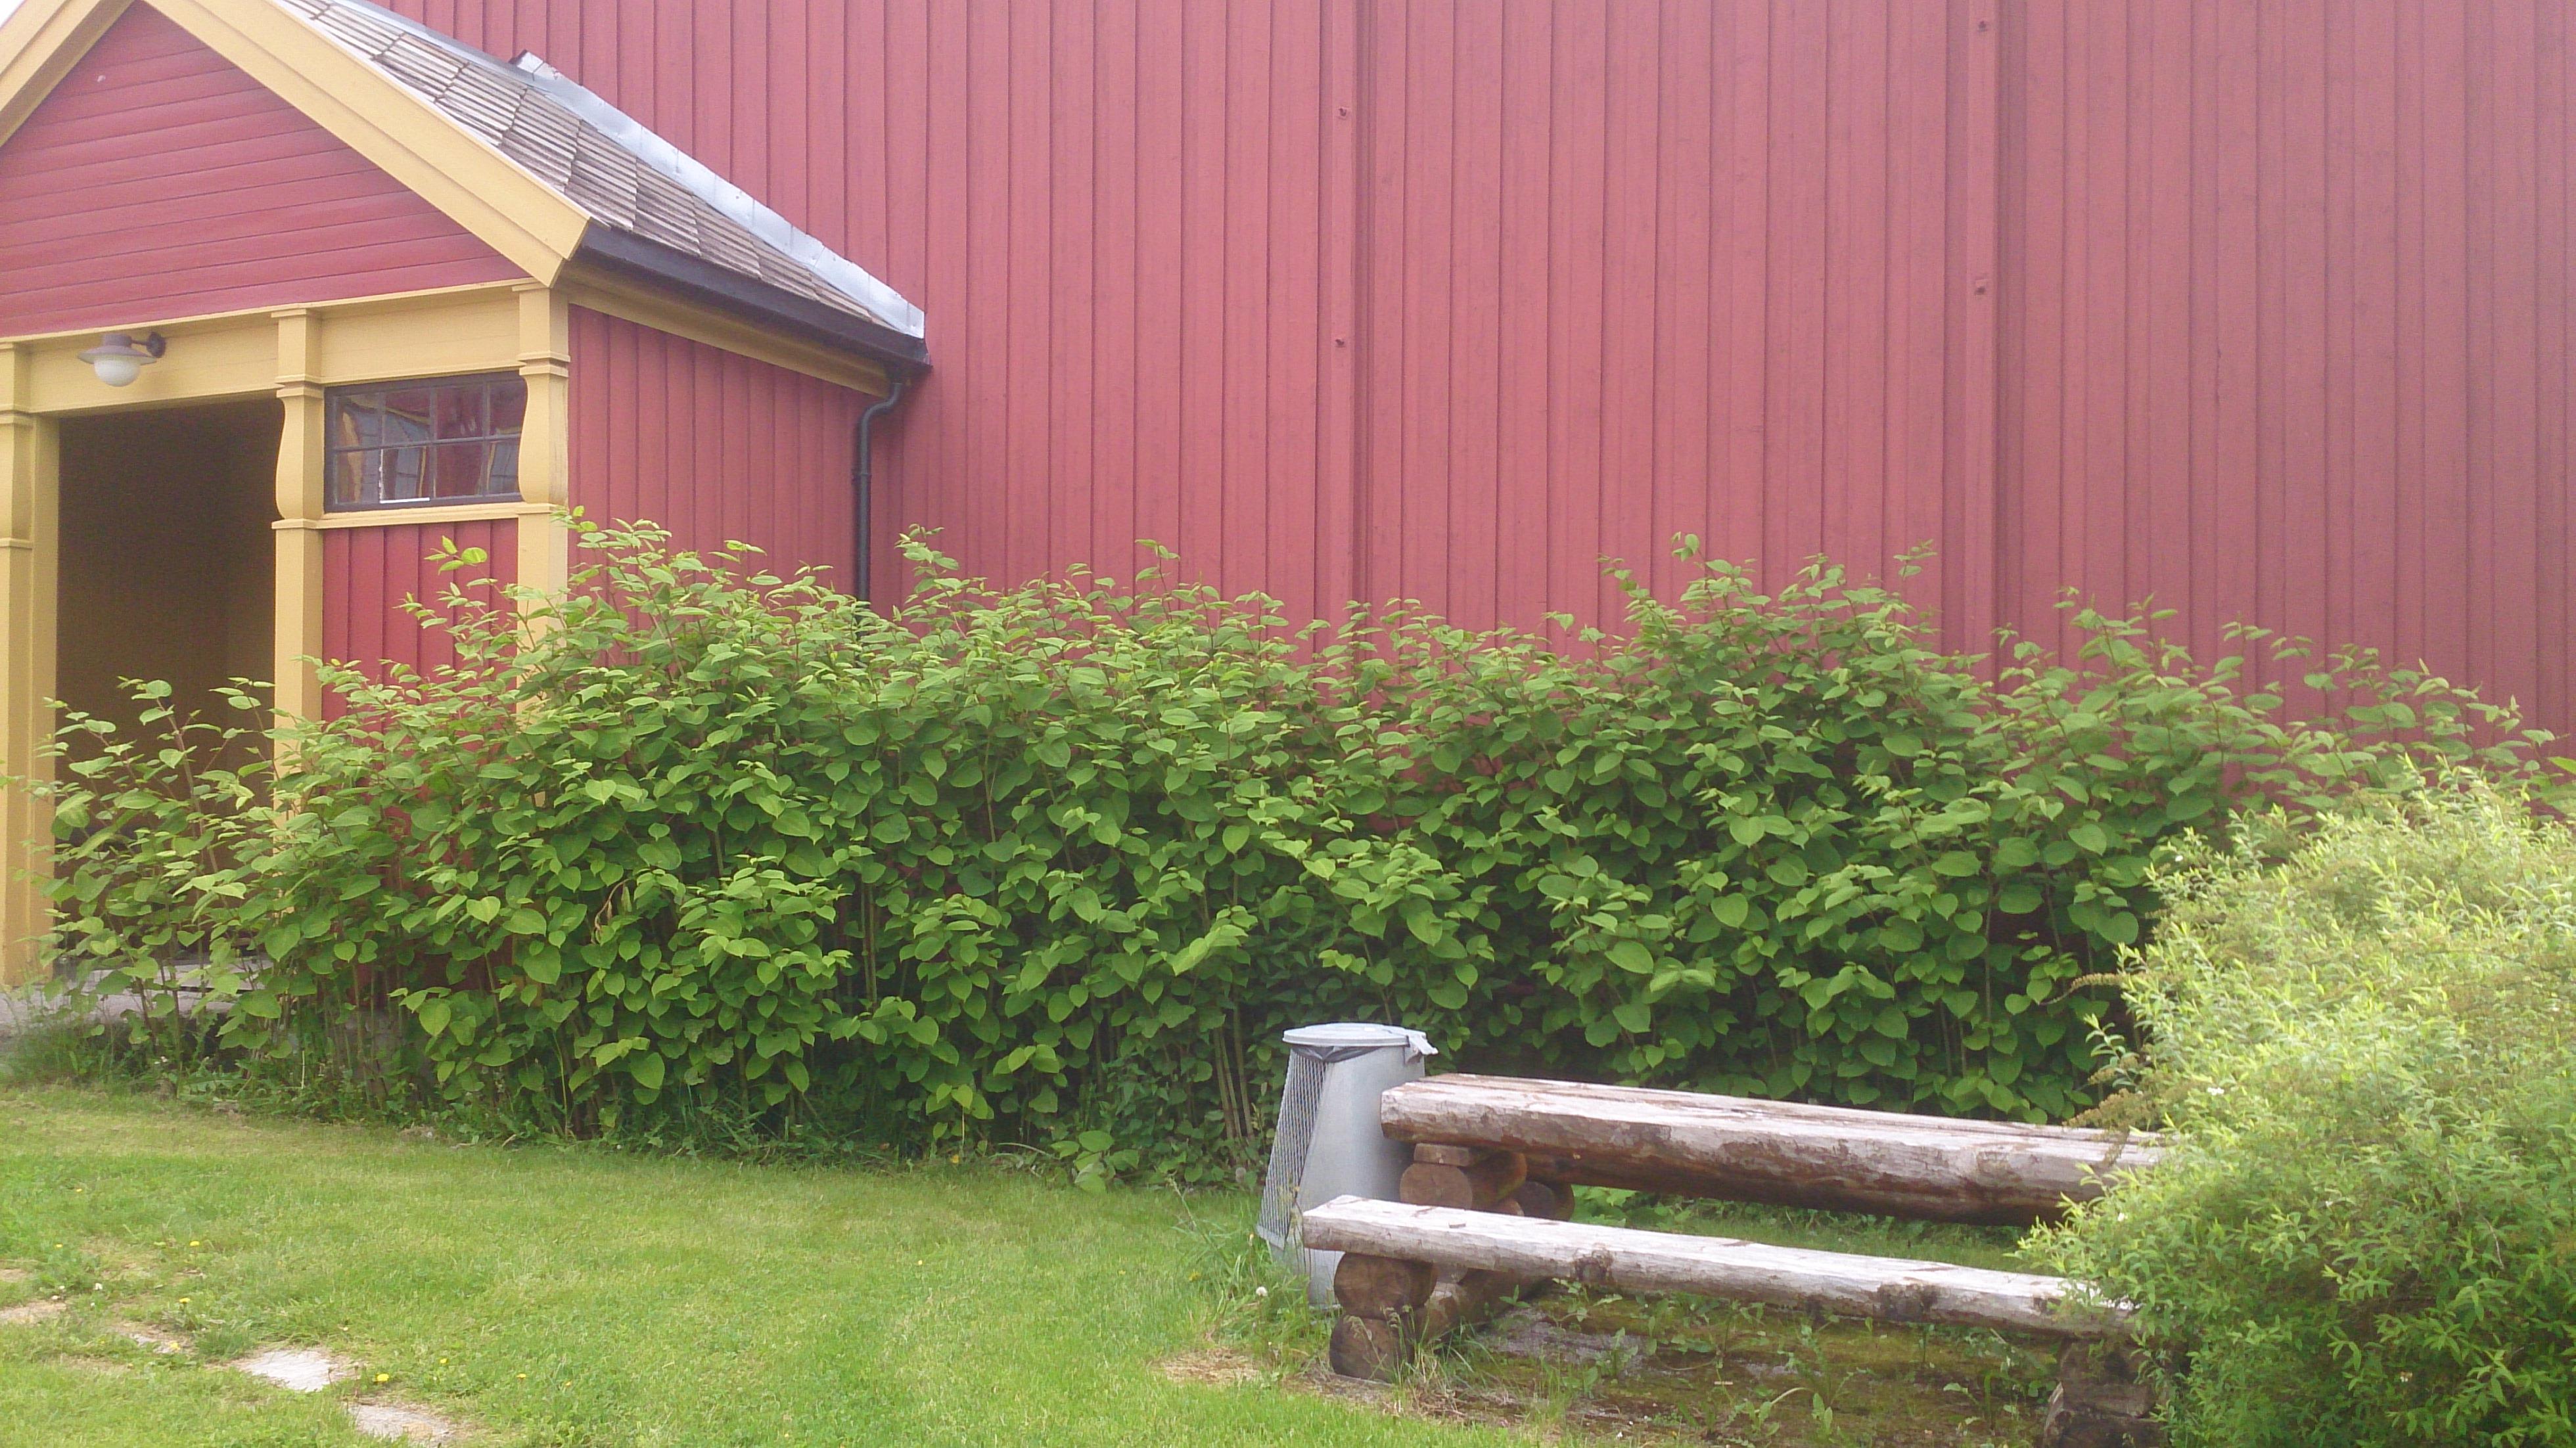 7d2fcb7c Slirekne ved Namdals folkehøgskole - Klikk for stort bilde